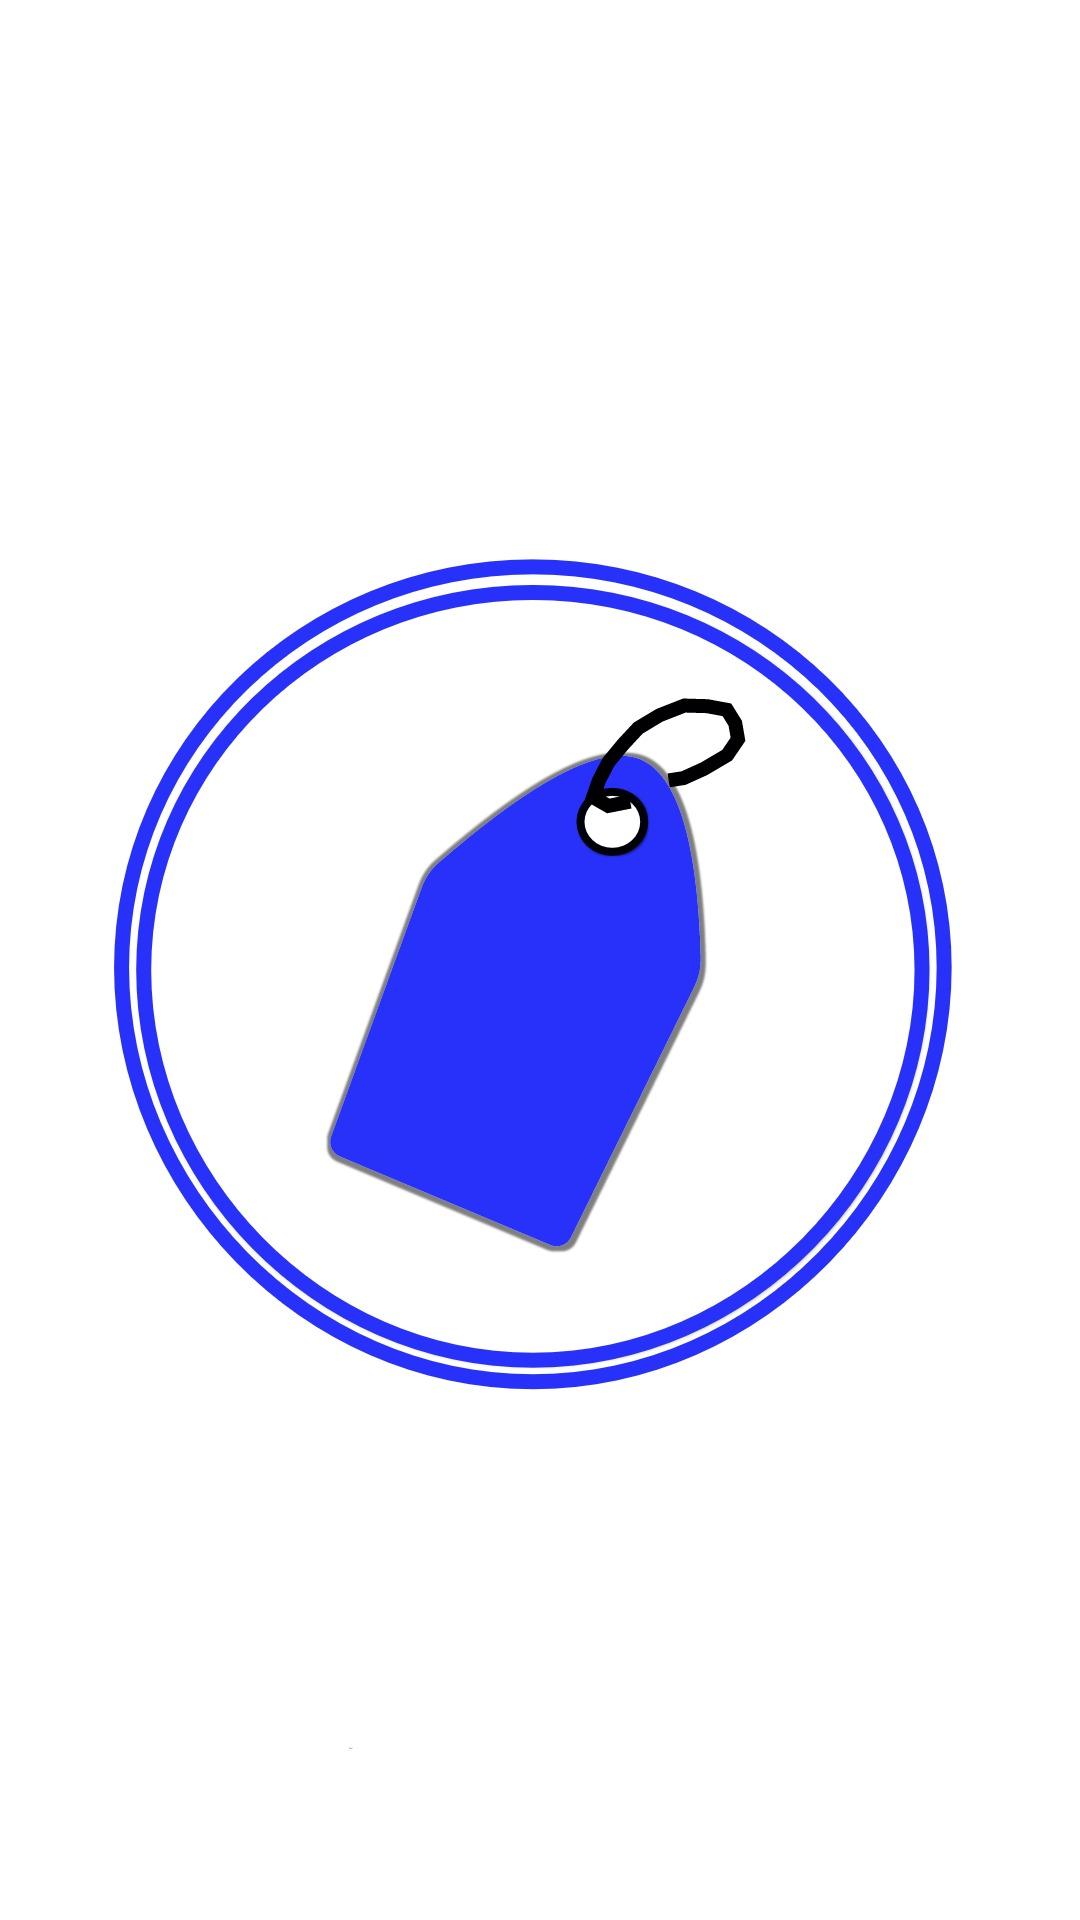 Instagram-cover-tag-bluewhite-lotnotes.com.jpg